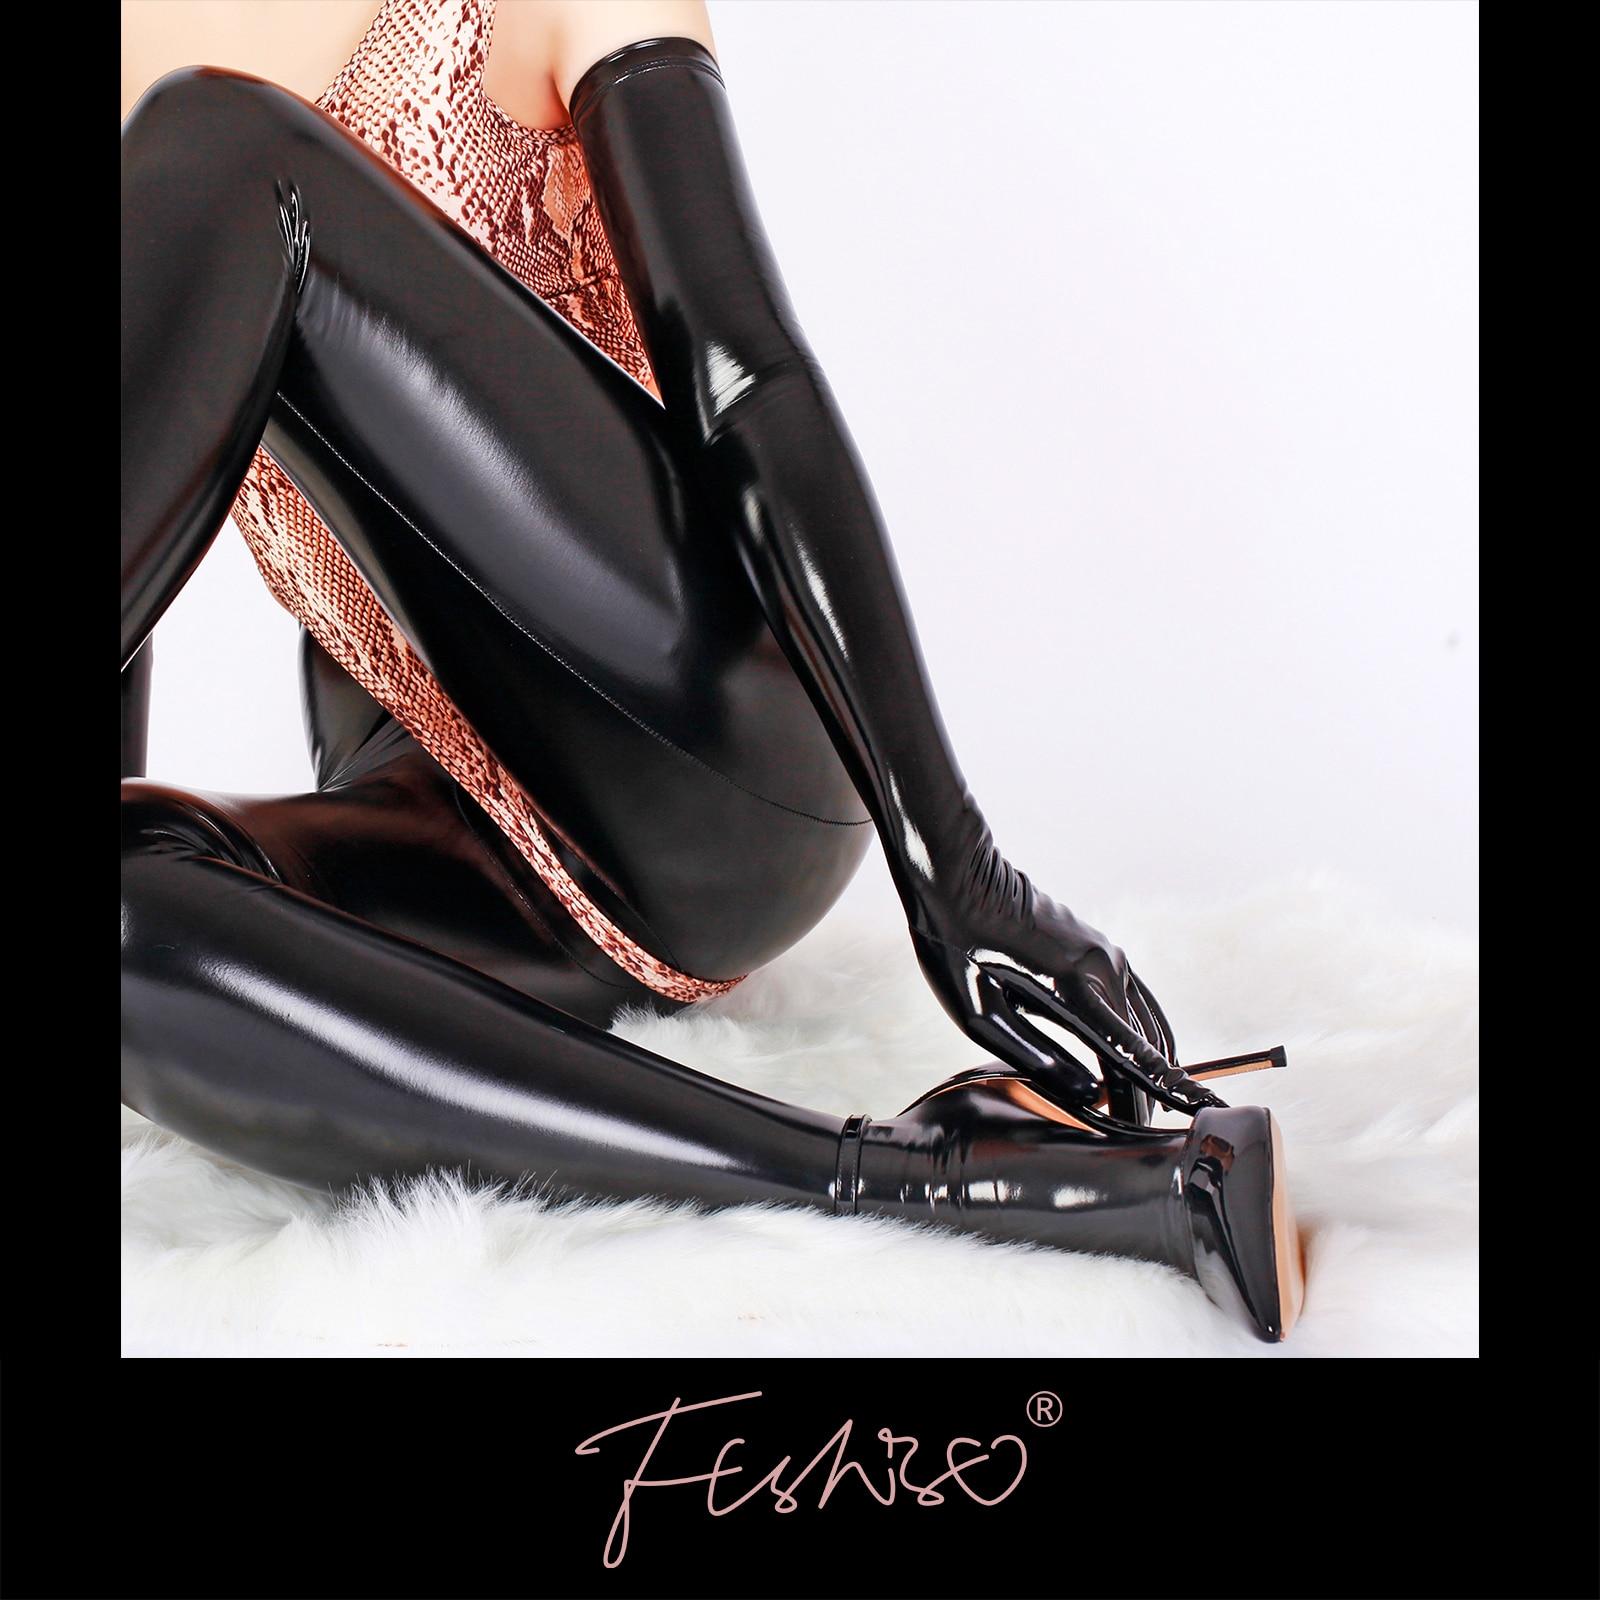 Ftshist المرأة لامعة فو الجلود قفازات طويلة للرجال اللاتكس الوثن براءات الاختراع والجلود كامل أصابع الكوع قفاز تأثيري الإكسسوارات